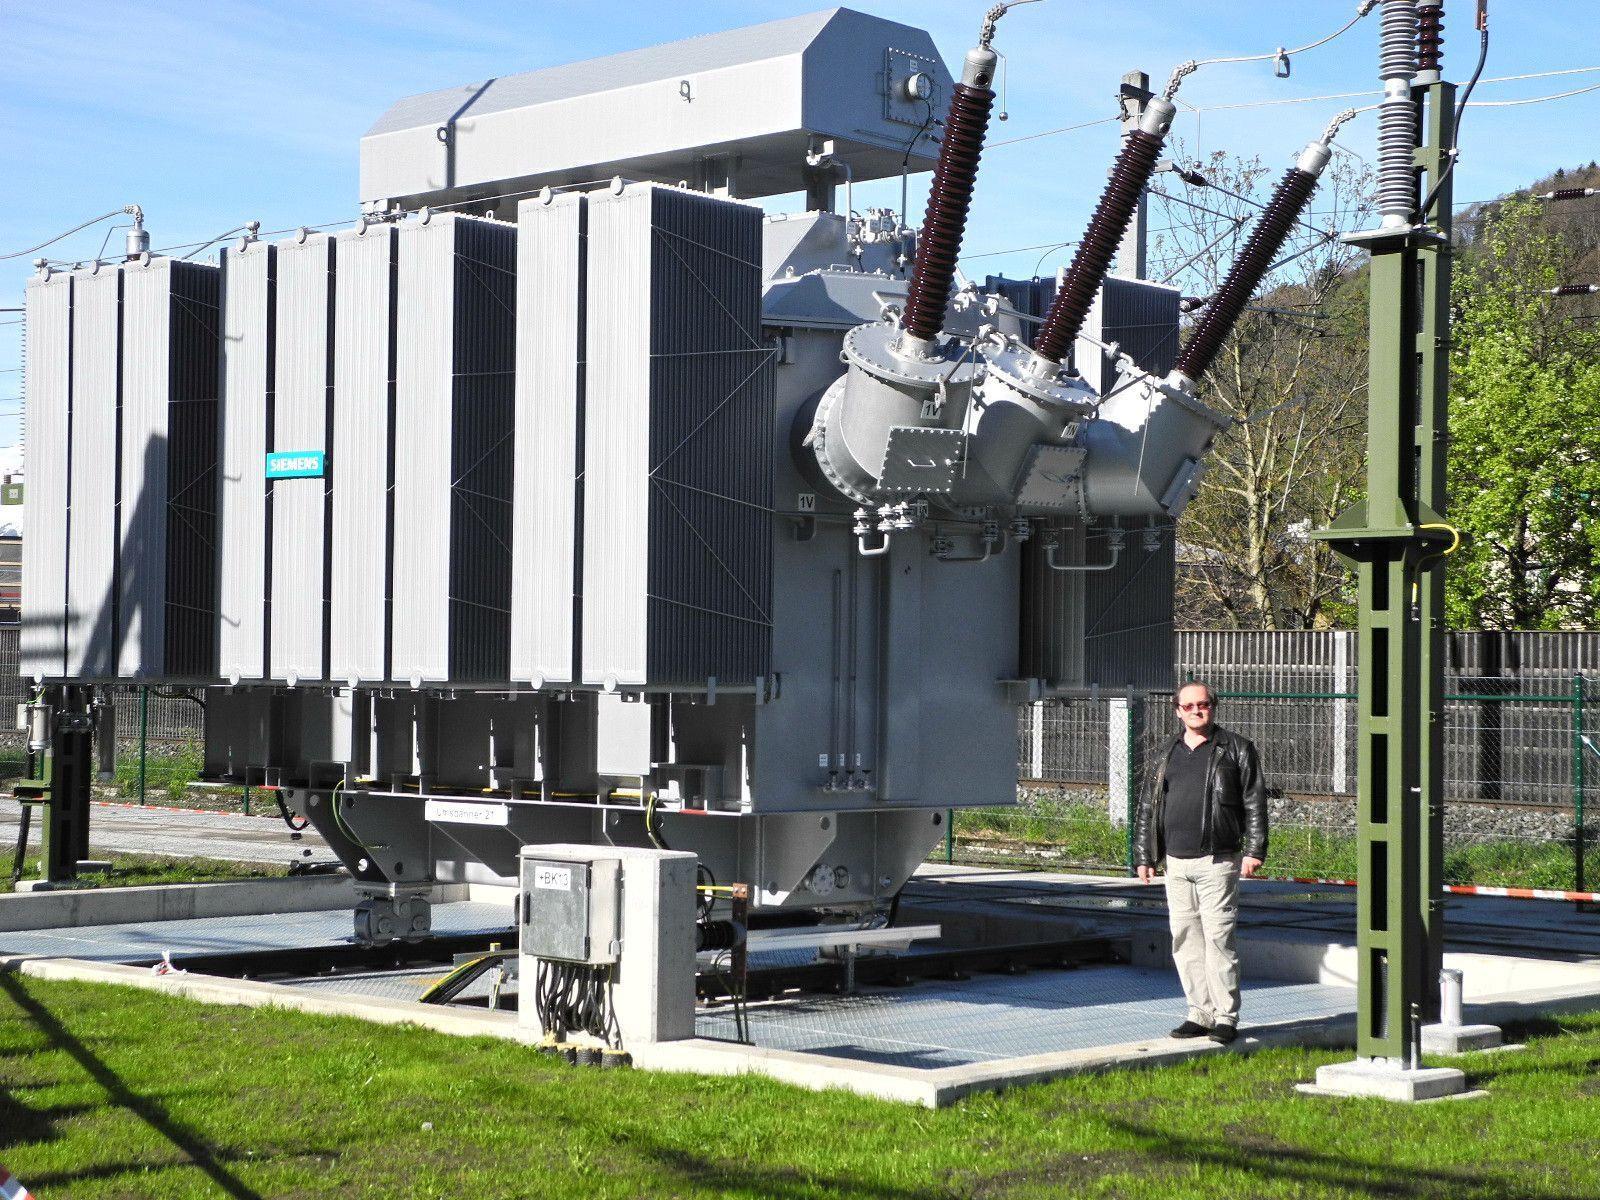 Der Kuppeltransformator zum Stromaustausch zwischen ÖBB und SBB im Unterwerk in Feldkirch-Altenstadt